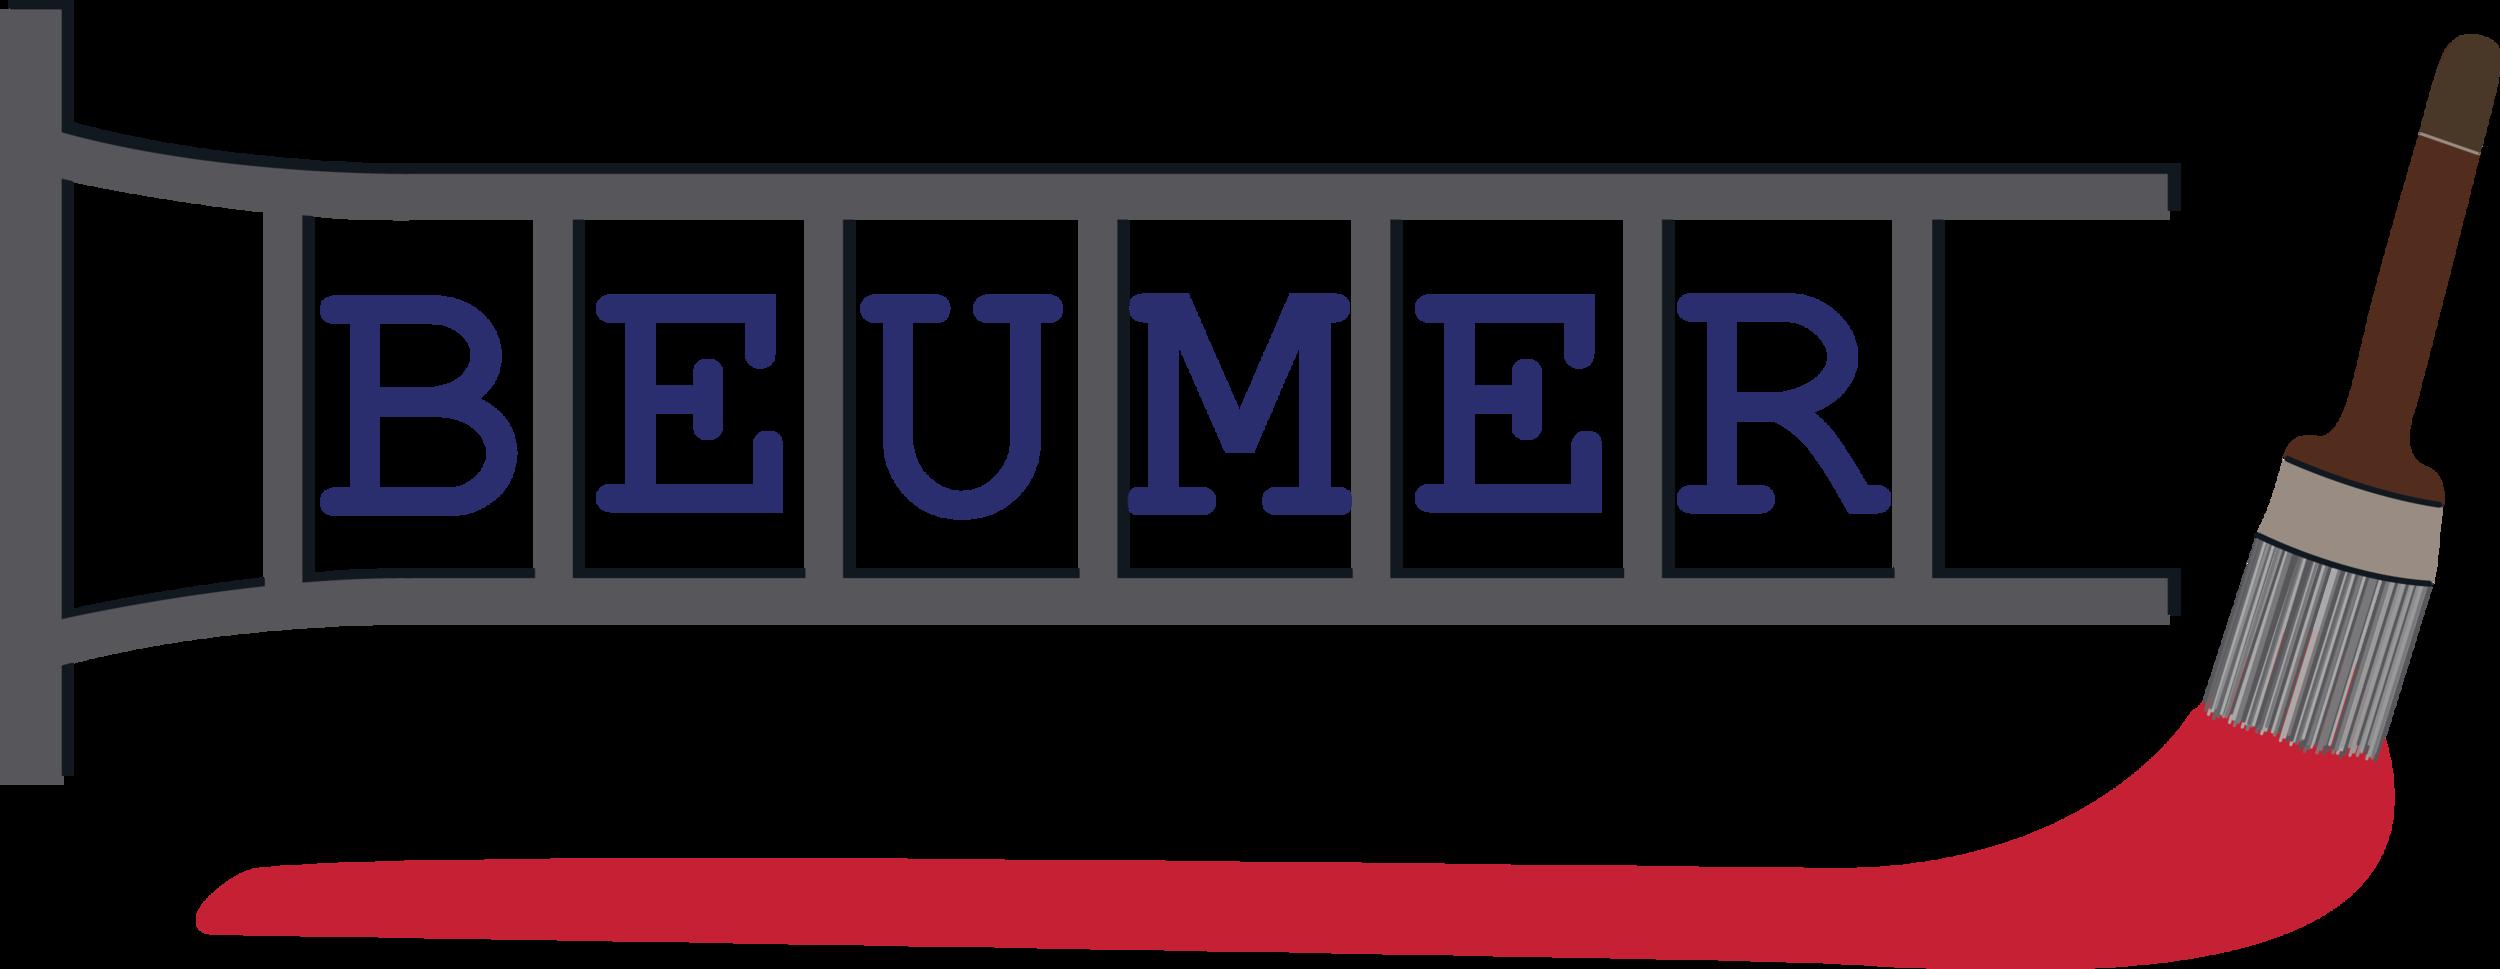 Logo Beumer.png